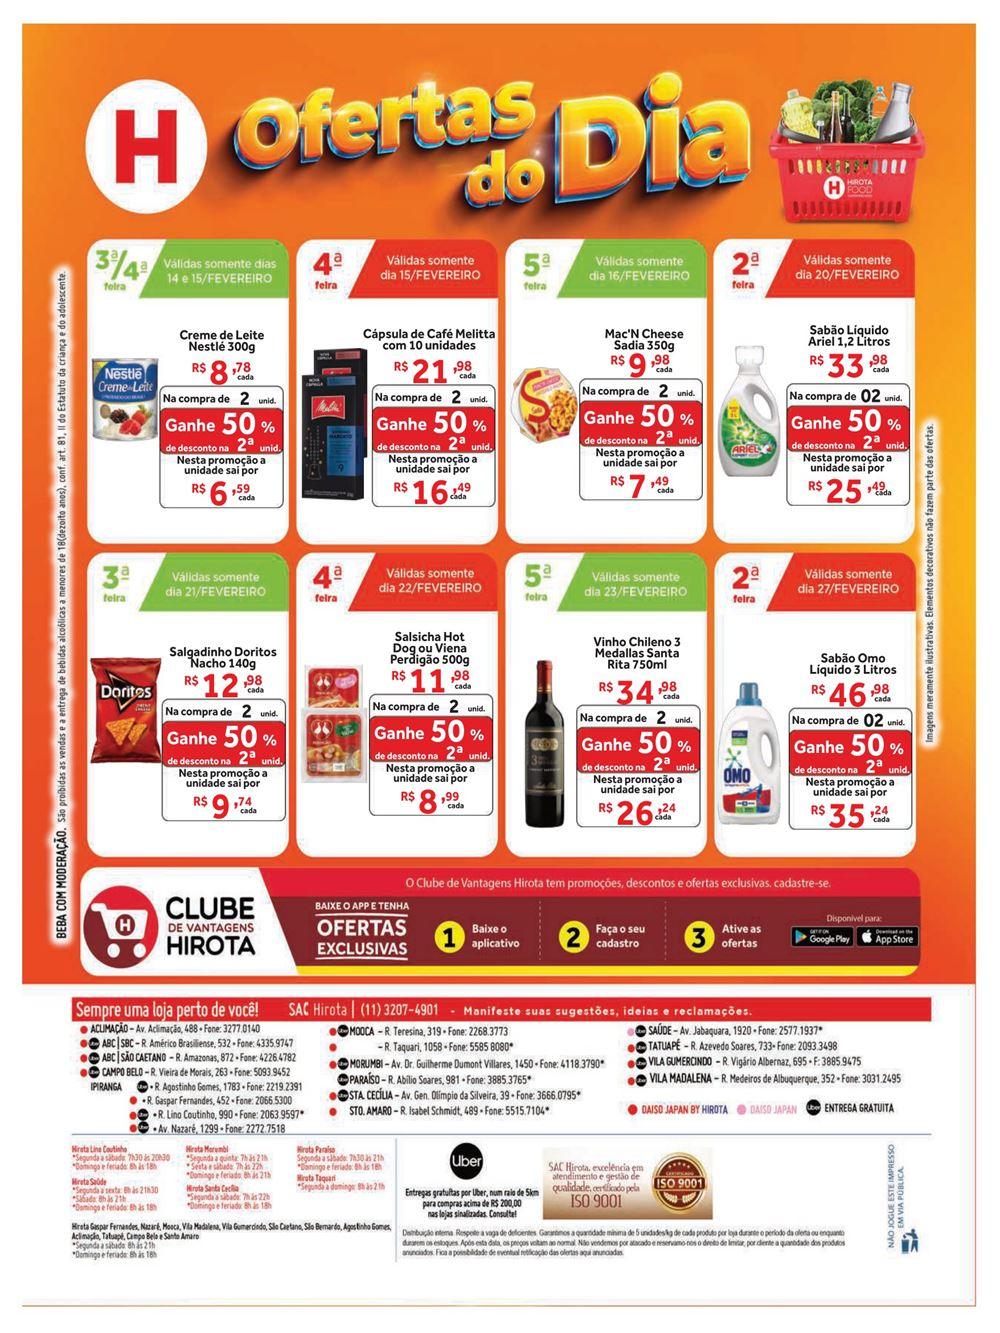 hirota-ofertas-descontos-hoje6-1 Hirota até 09/08